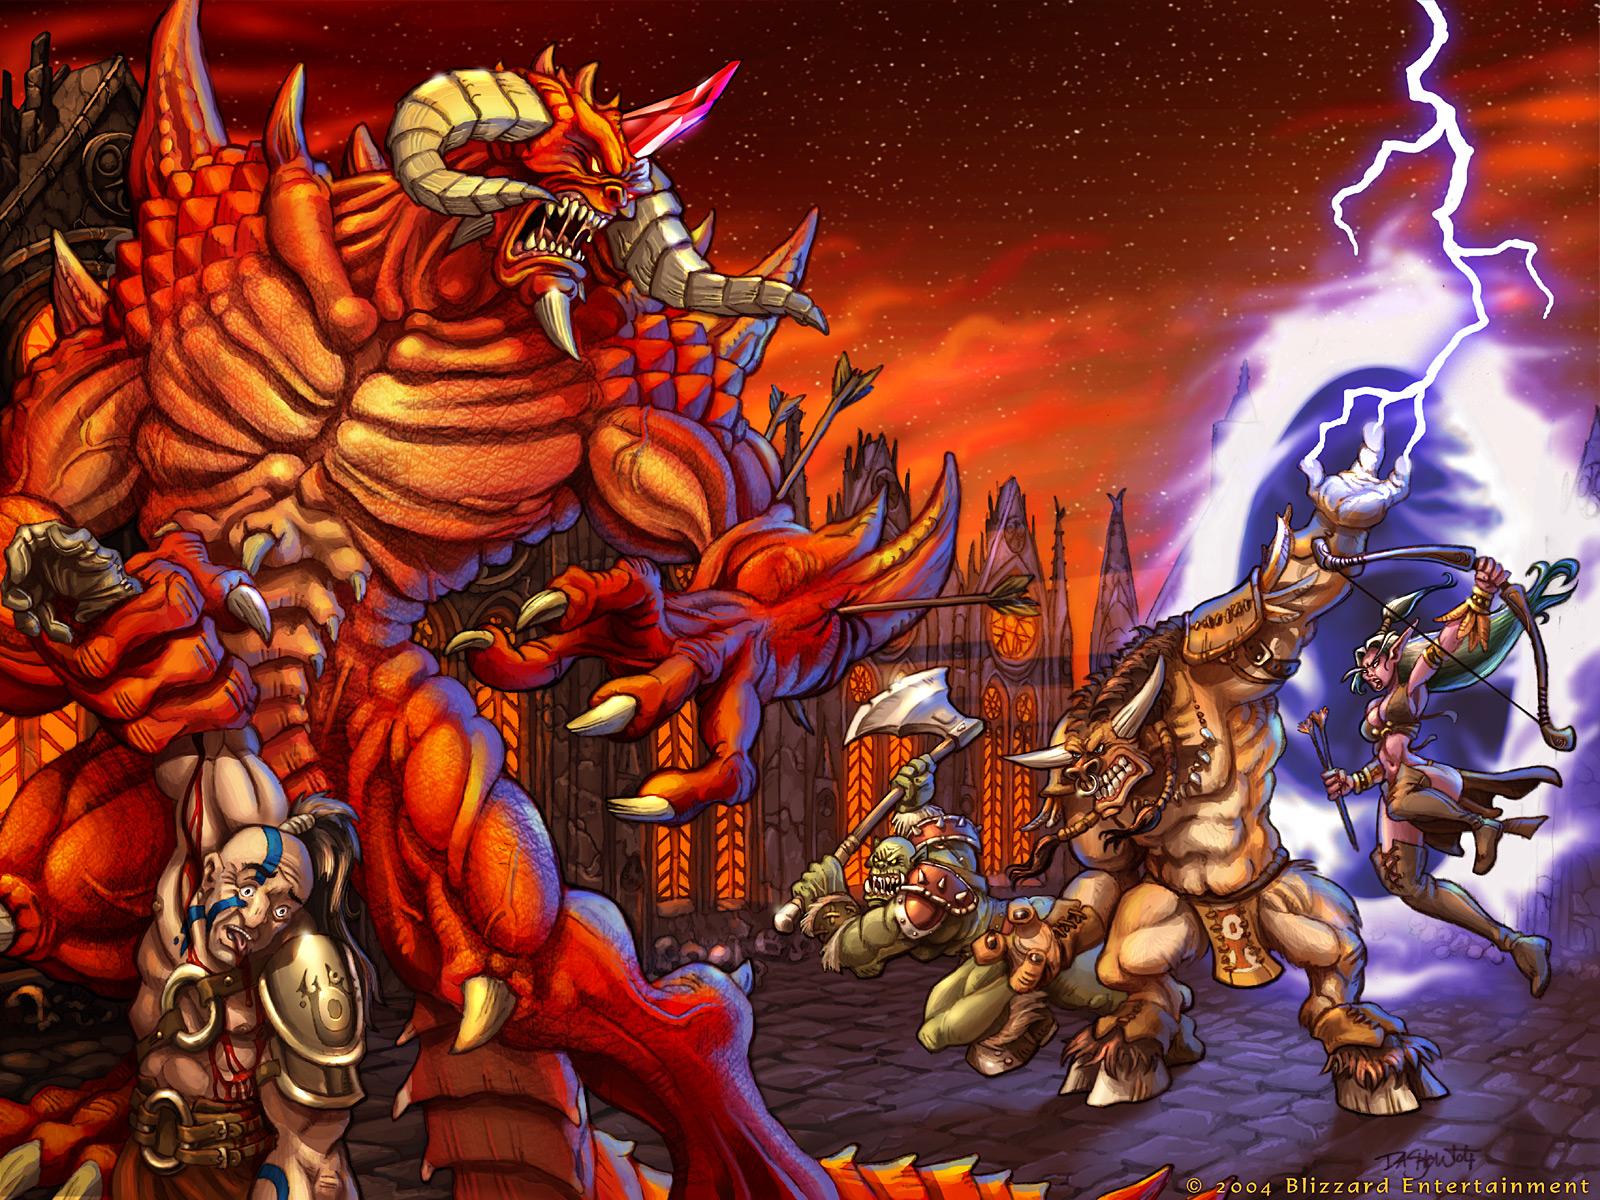 http://www.diablowiki.net/images/d/de/Diablo_vs_WoW.jpg